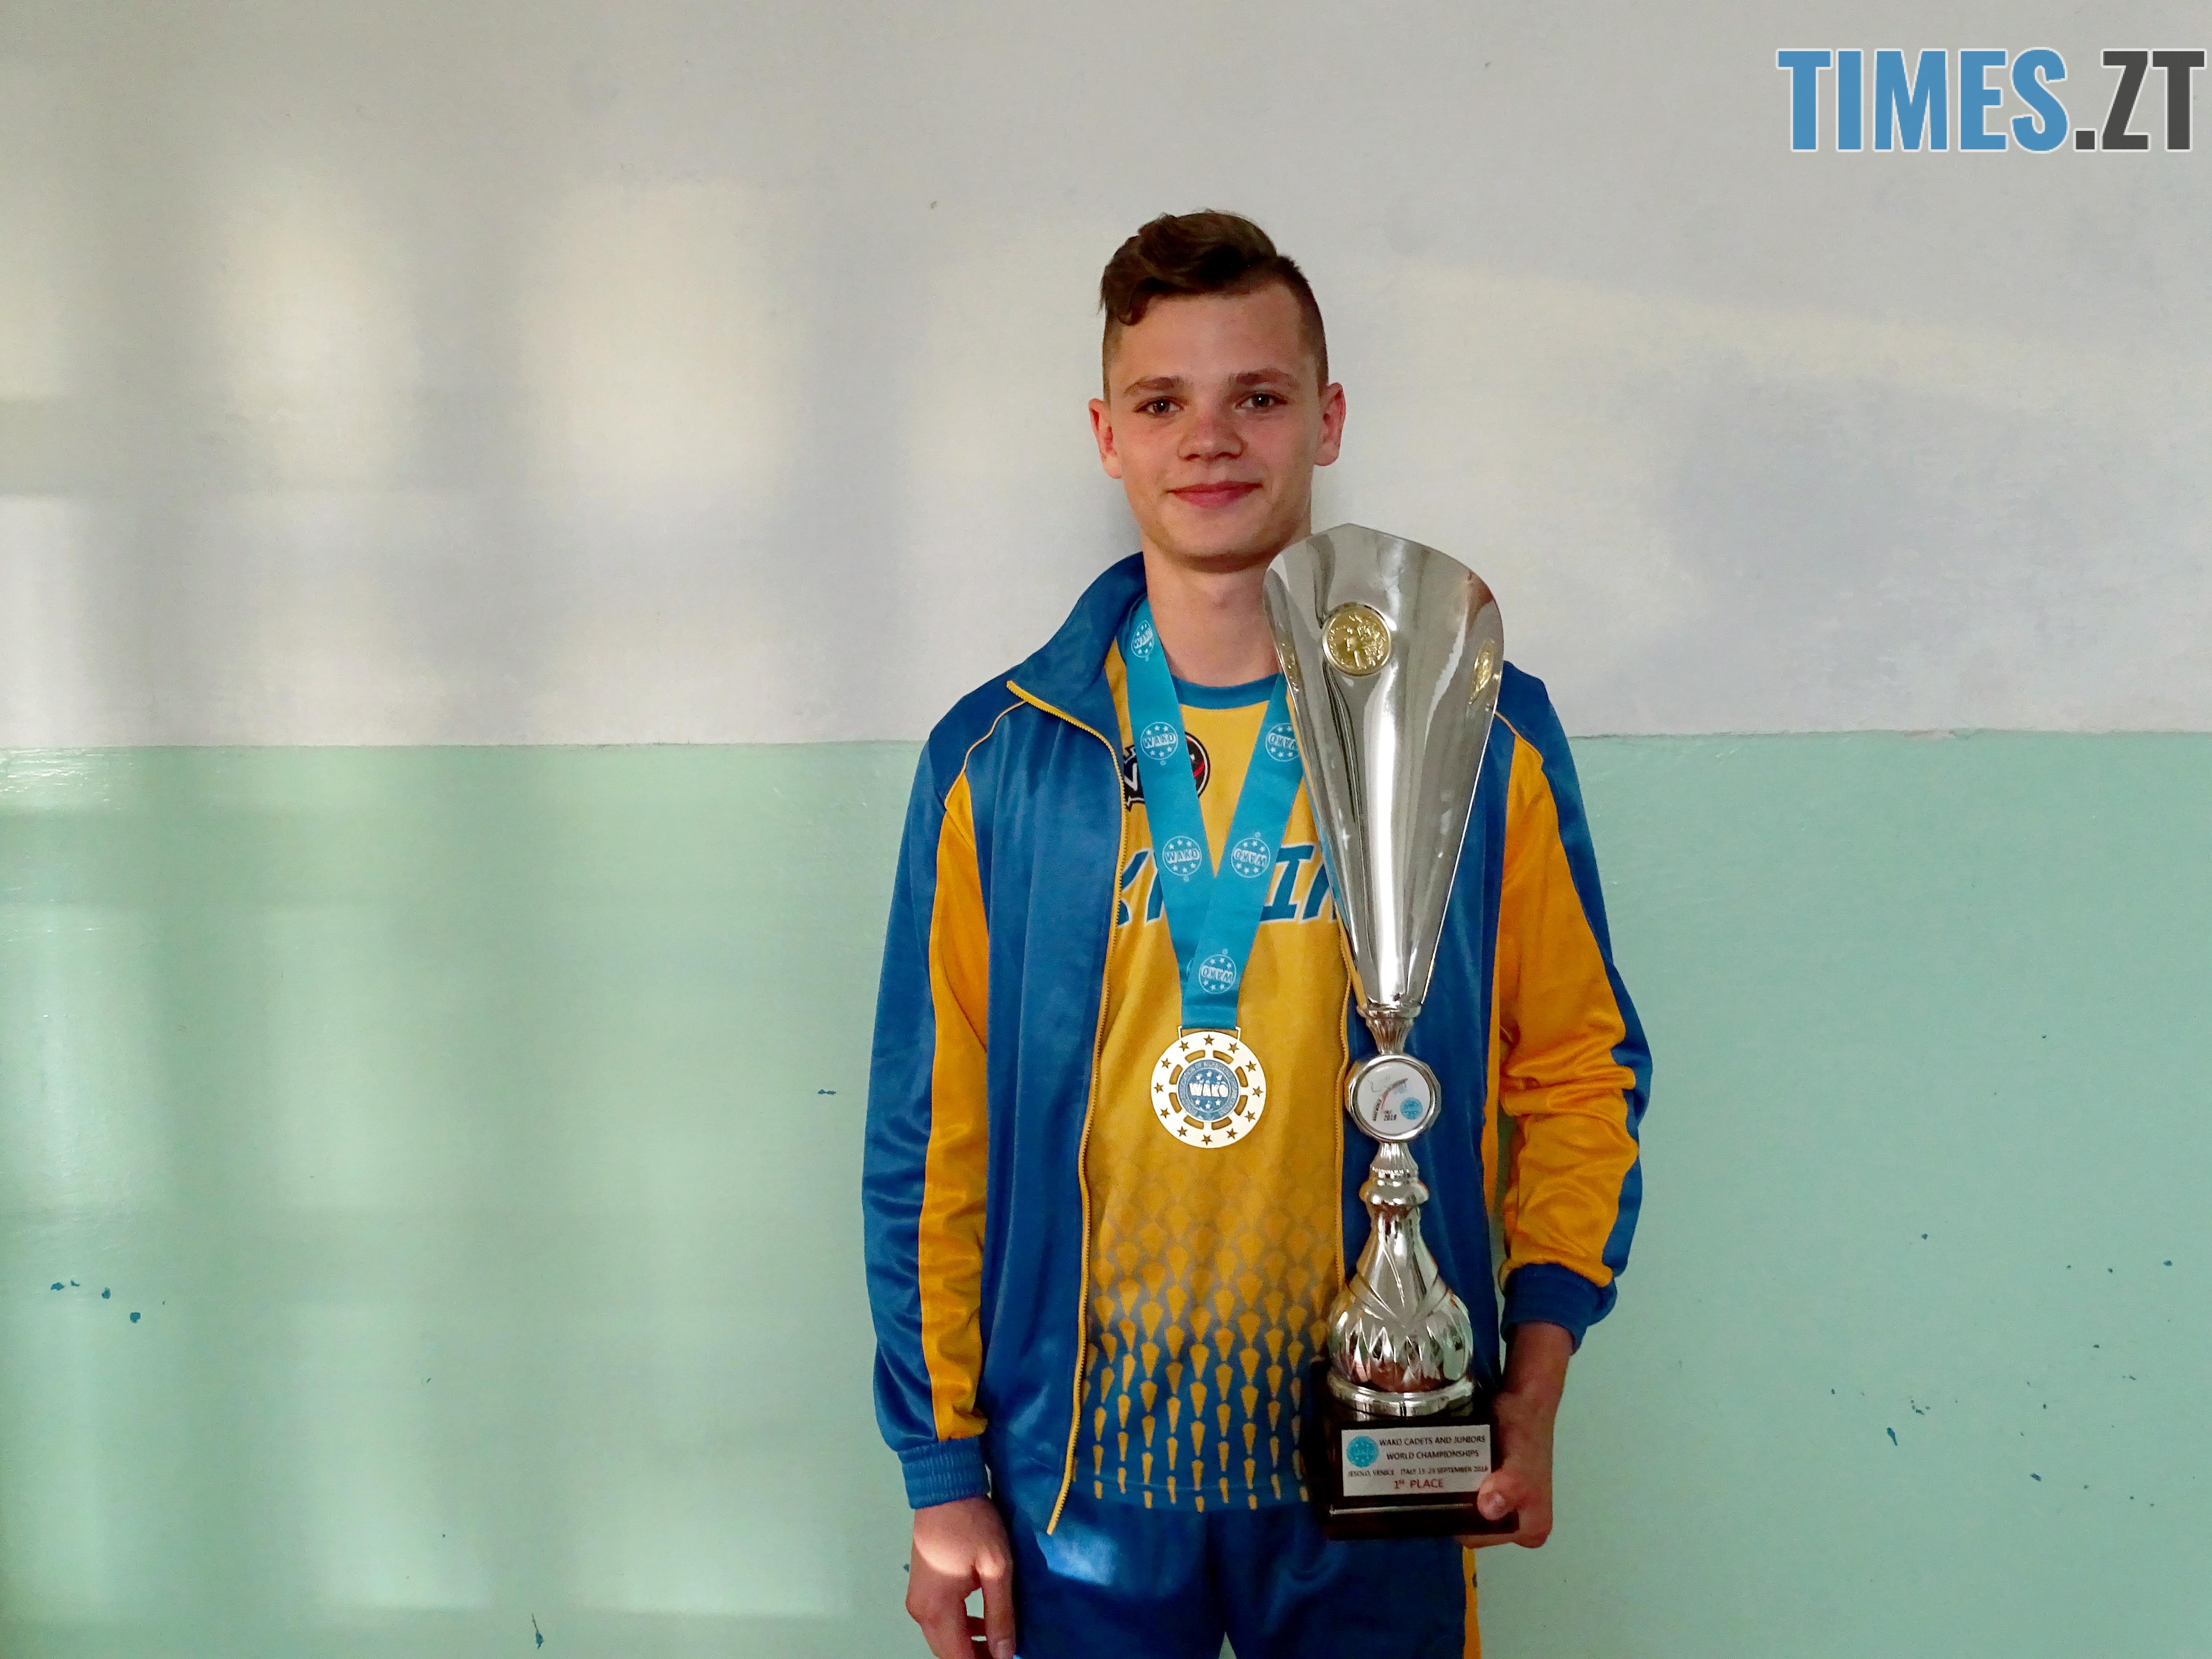 DSC02022 - Як одноклубники зустріли житомирського кікбоксера Артема Мельника, який став чемпіоном світу-2018 WAKO серед молоді (ФОТО)